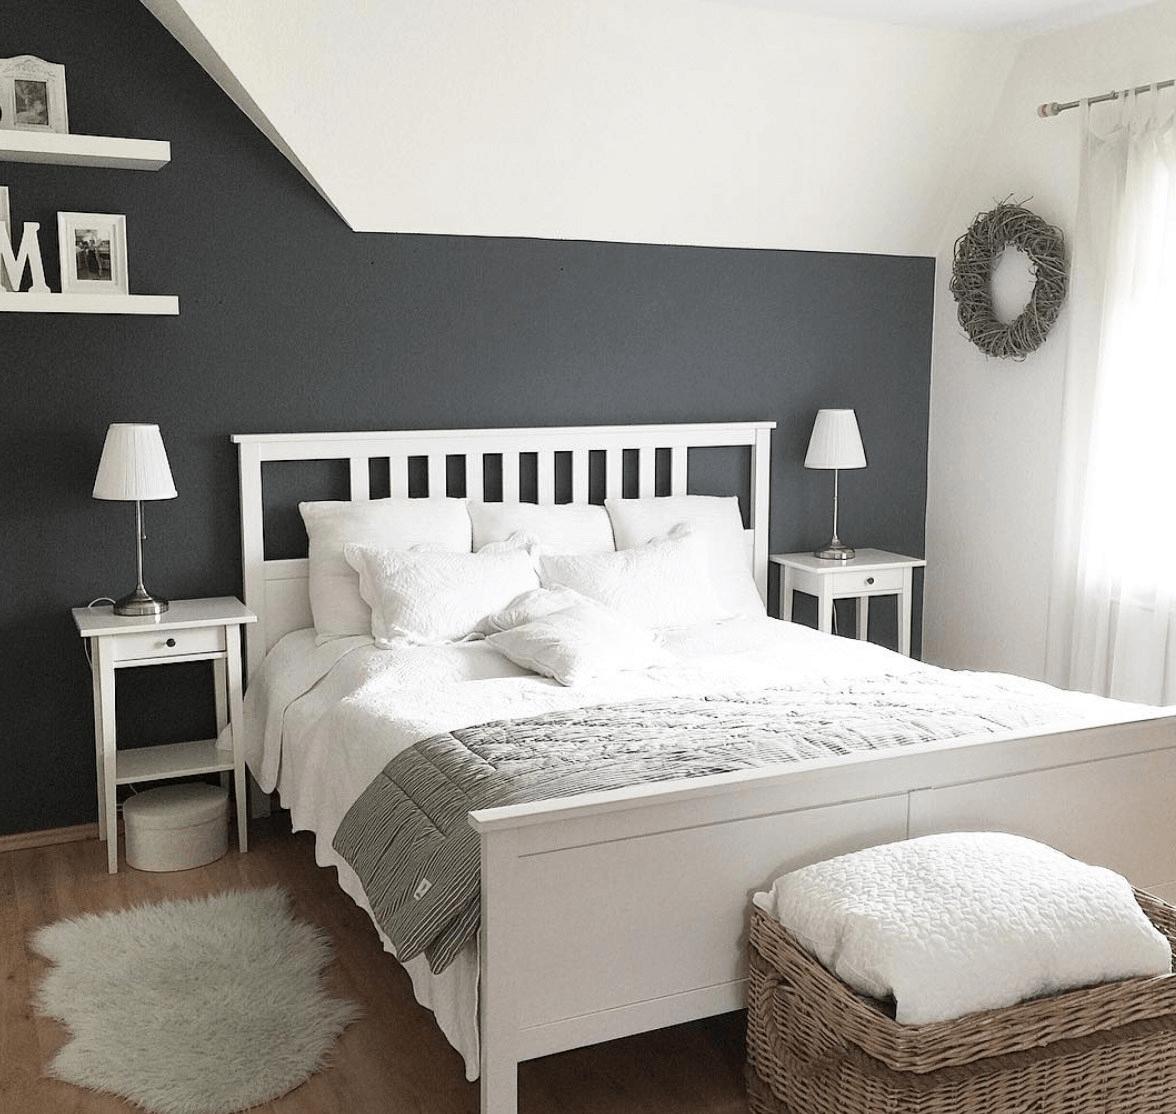 Kuhles Wandgestaltung Schlafzimmer Deko Grau Weiss Schlafzimmer